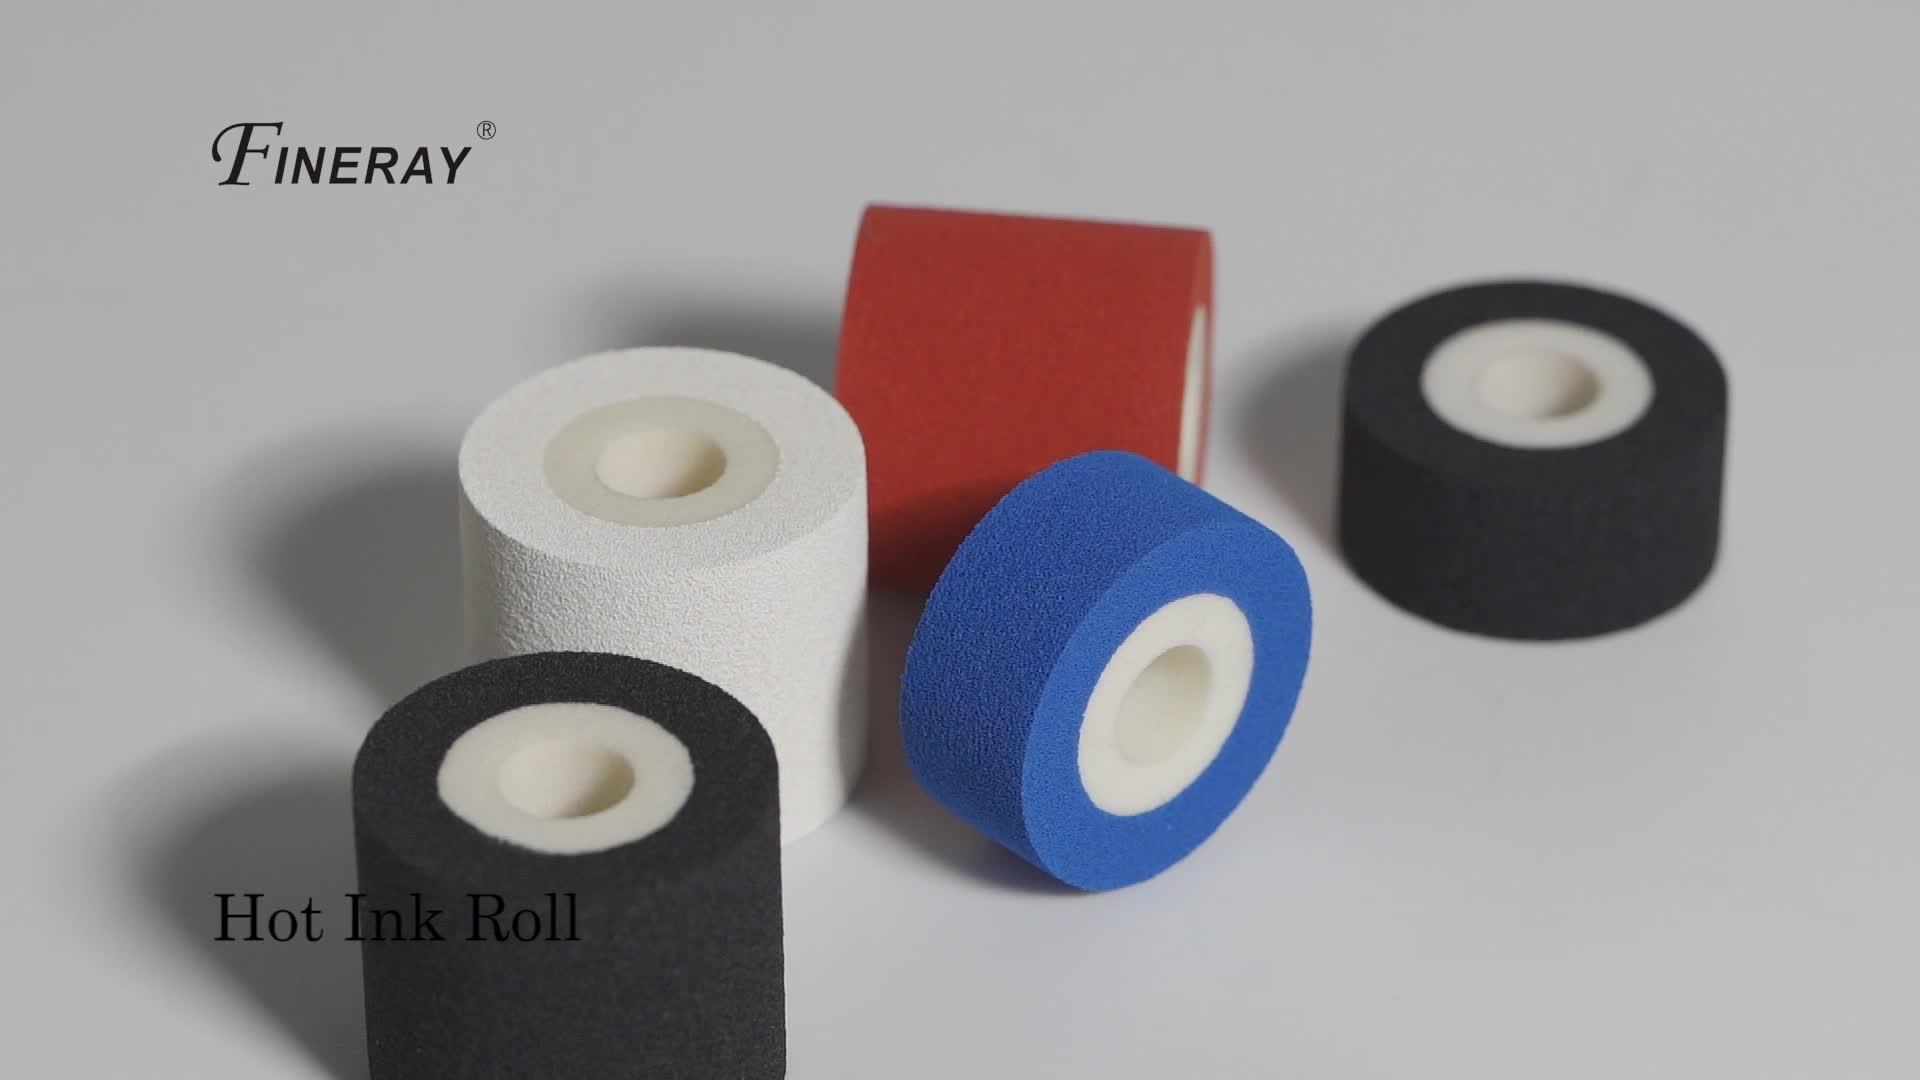 Schwarz fineray farbwalze heißschmelztinte walze/hot farbrolle für datumkodierung Hilfe in lebensmitteln und Apotheke Branchen, 36mm*36mm